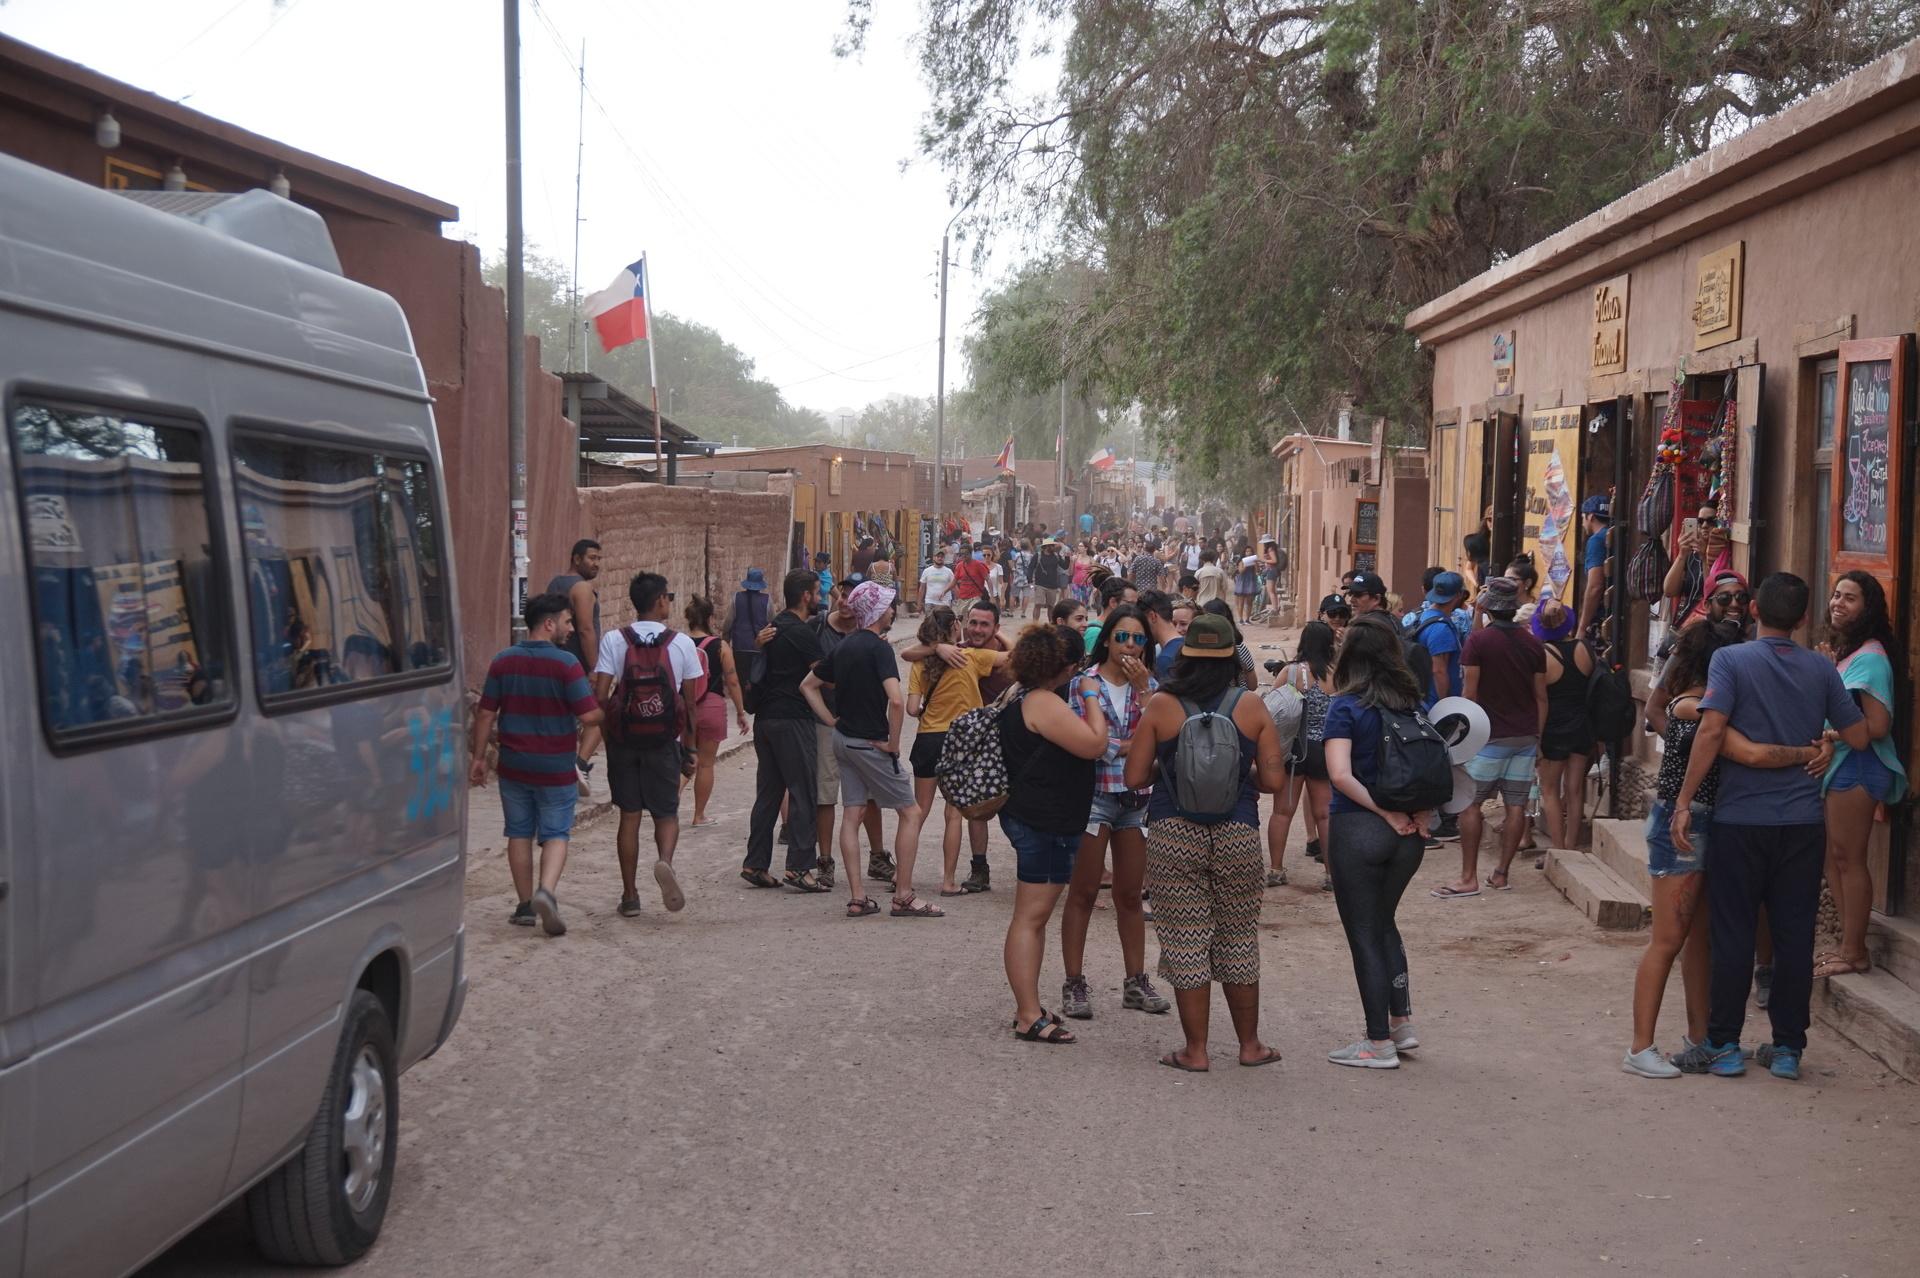 チリ ボリビア ウユニ旅行 アタカマ ツアー会社通り